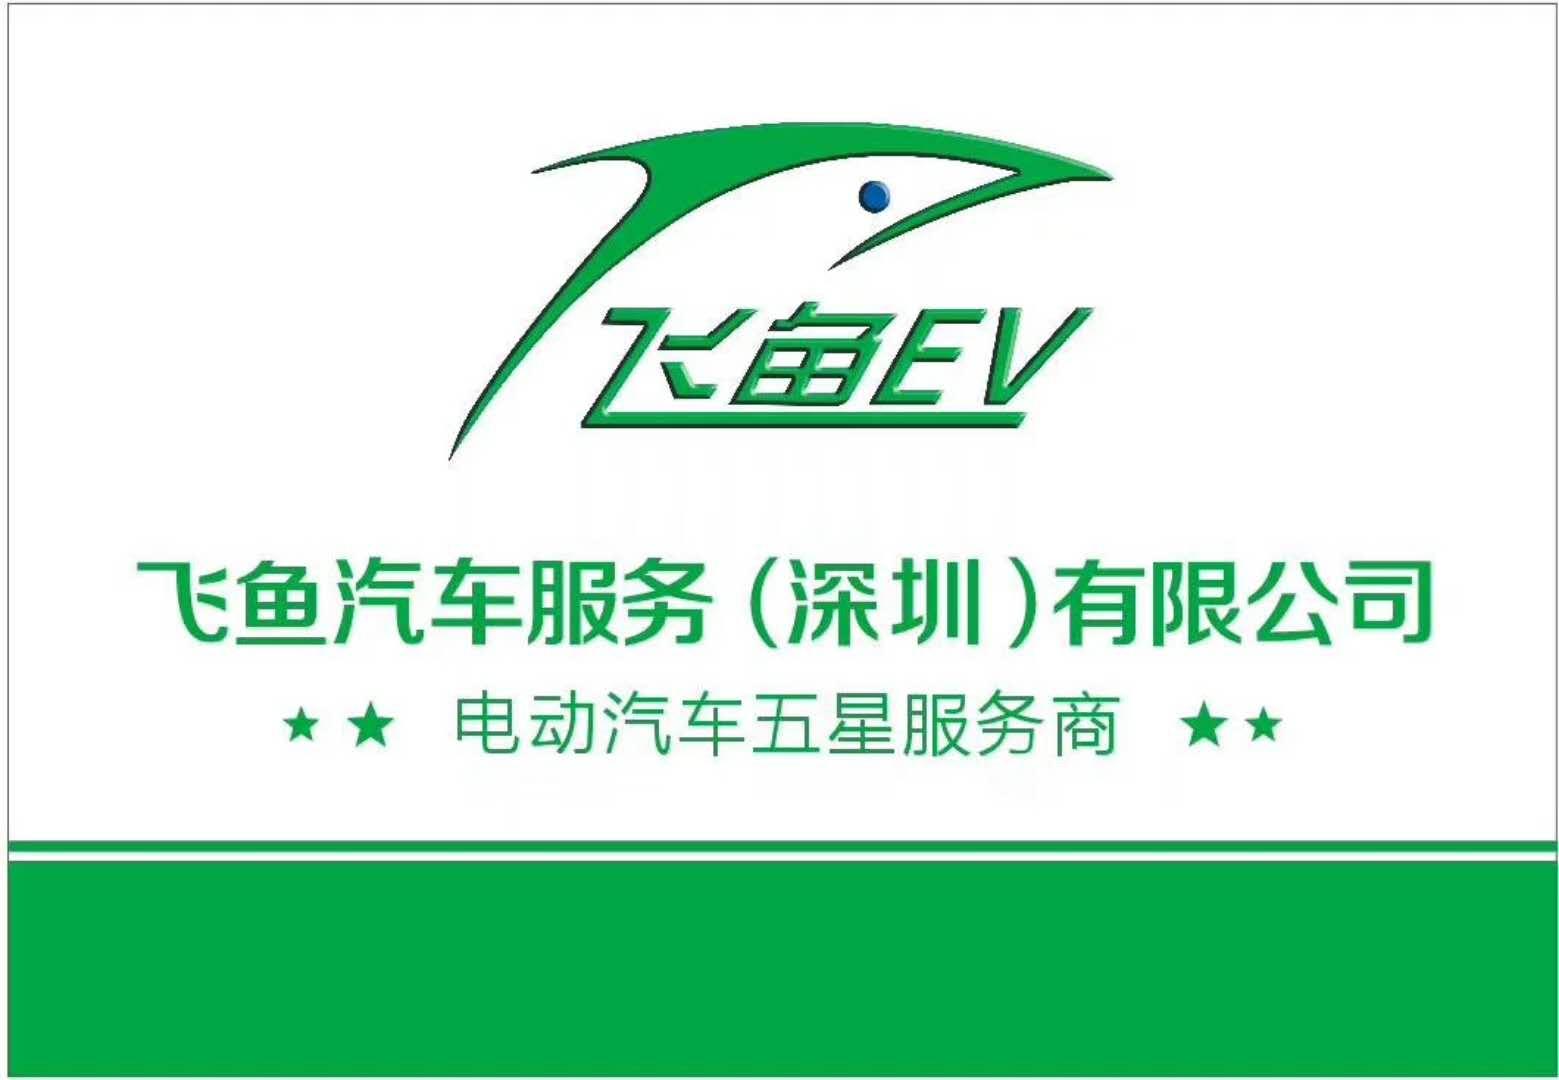 飛魚汽車服務(深圳)有限公司